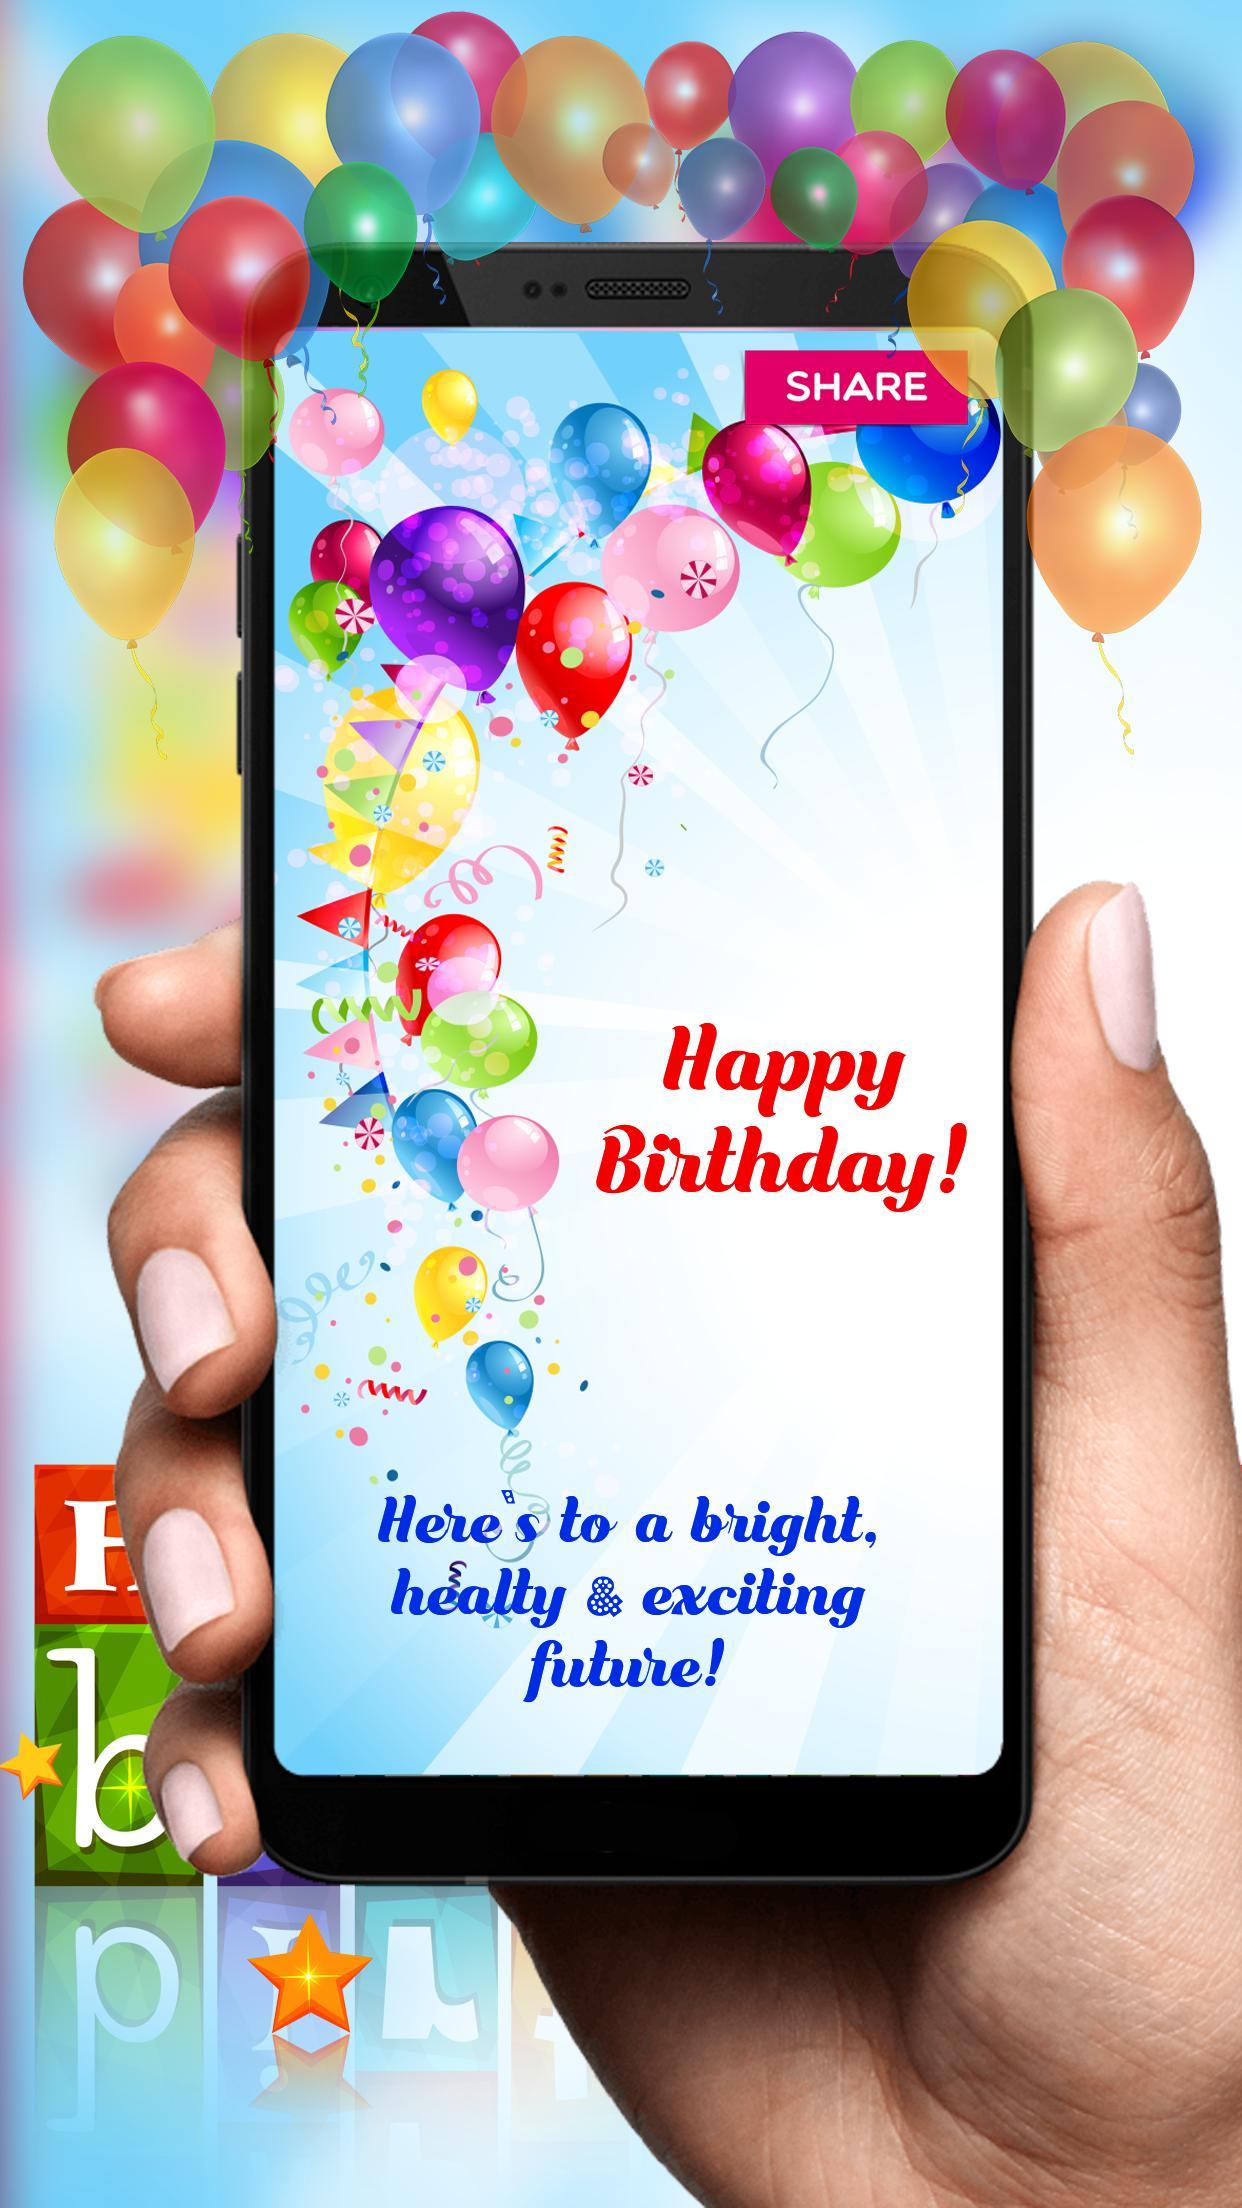 Selamat Ulang Tahun Kartu Kartu Ucapan For Android APK